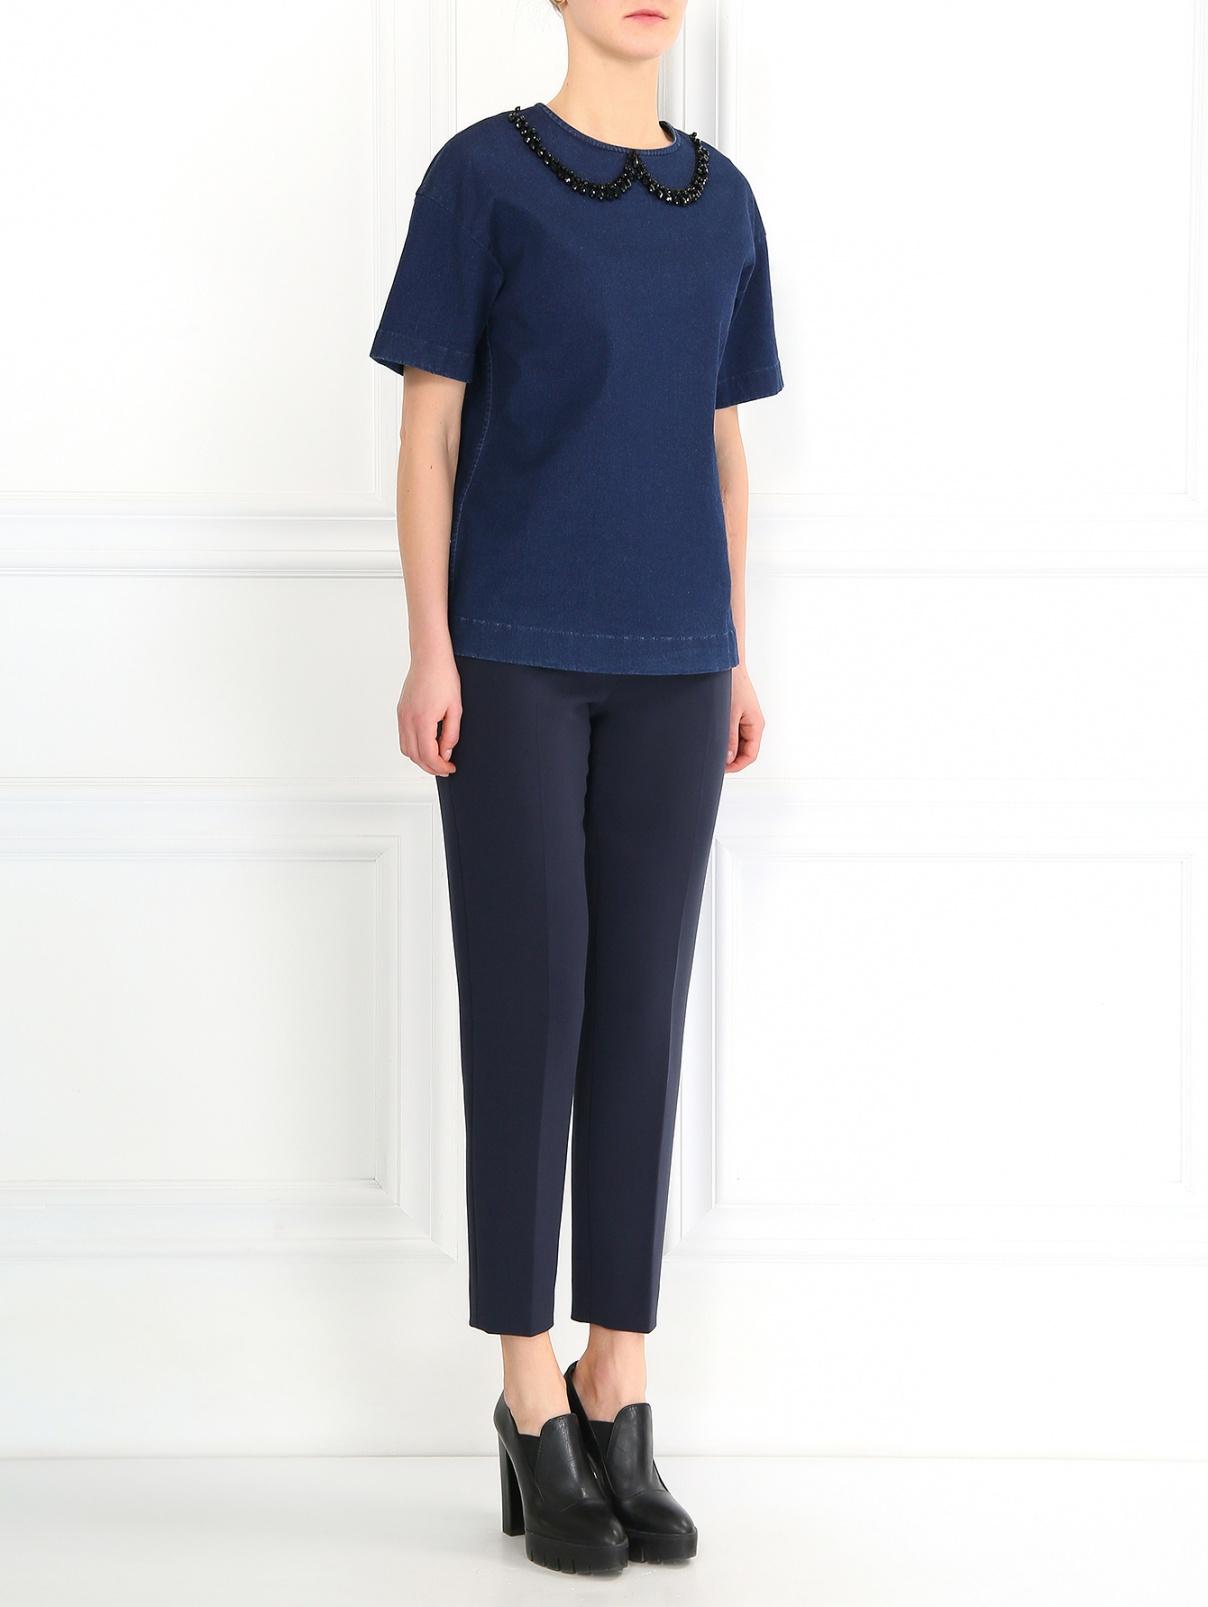 Блуза из денима декорированная бусинами N21  –  Модель Общий вид  – Цвет:  Синий